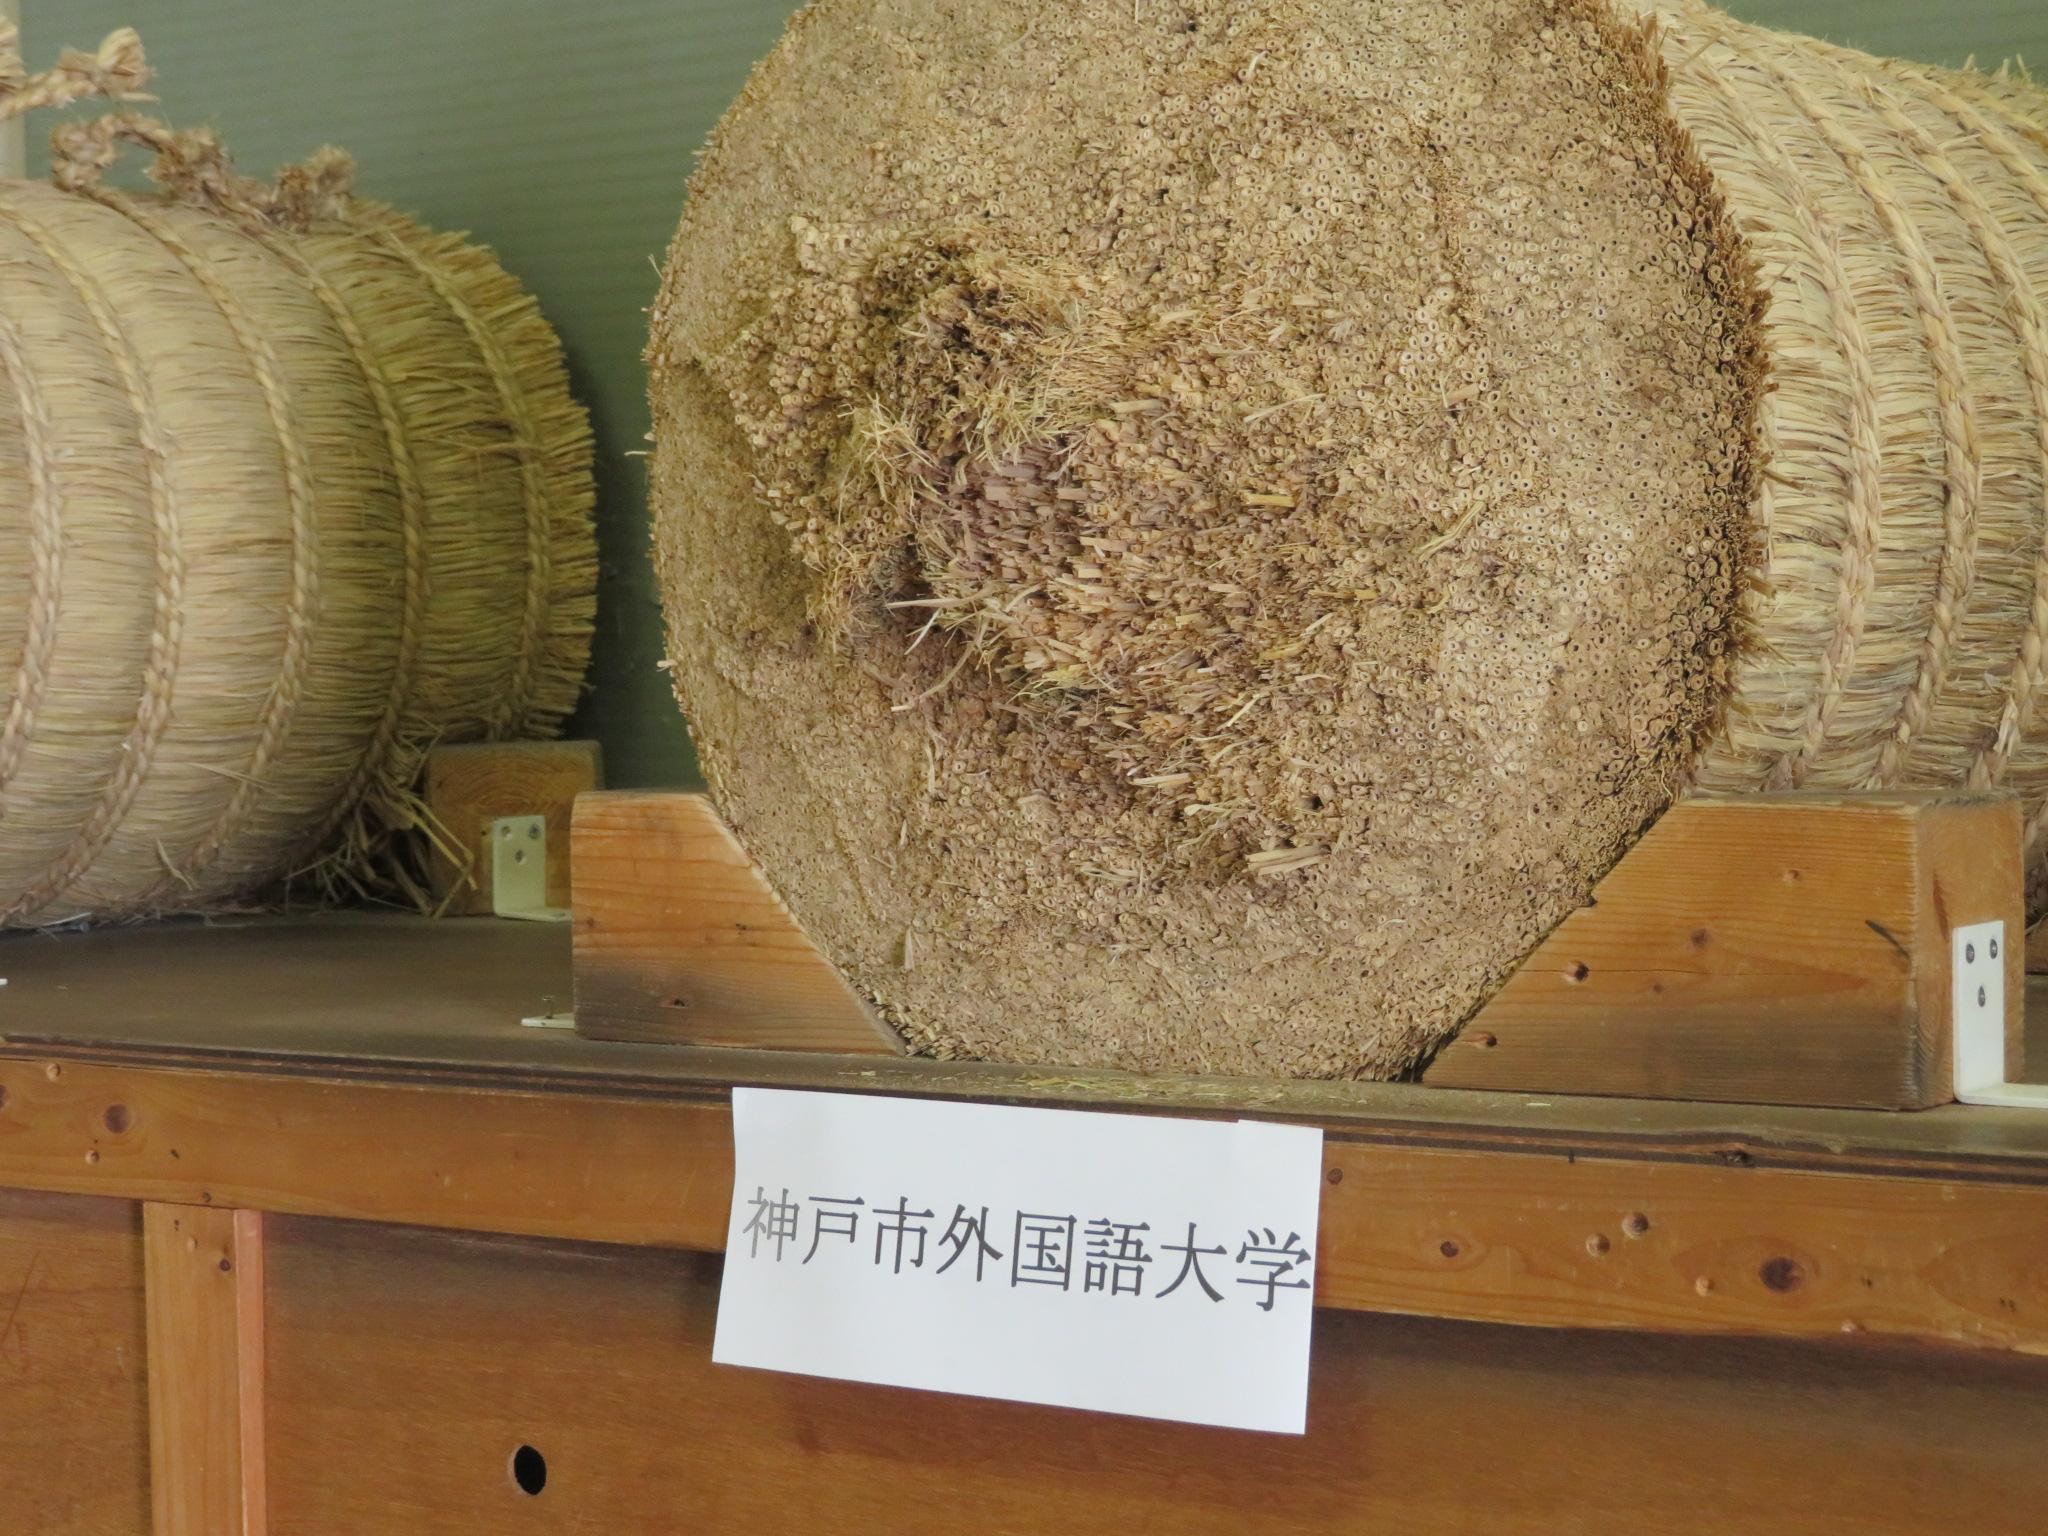 神戸市外国語大学は本多流の同門であり、ともに寺内先生に教えて頂いた歴史があります